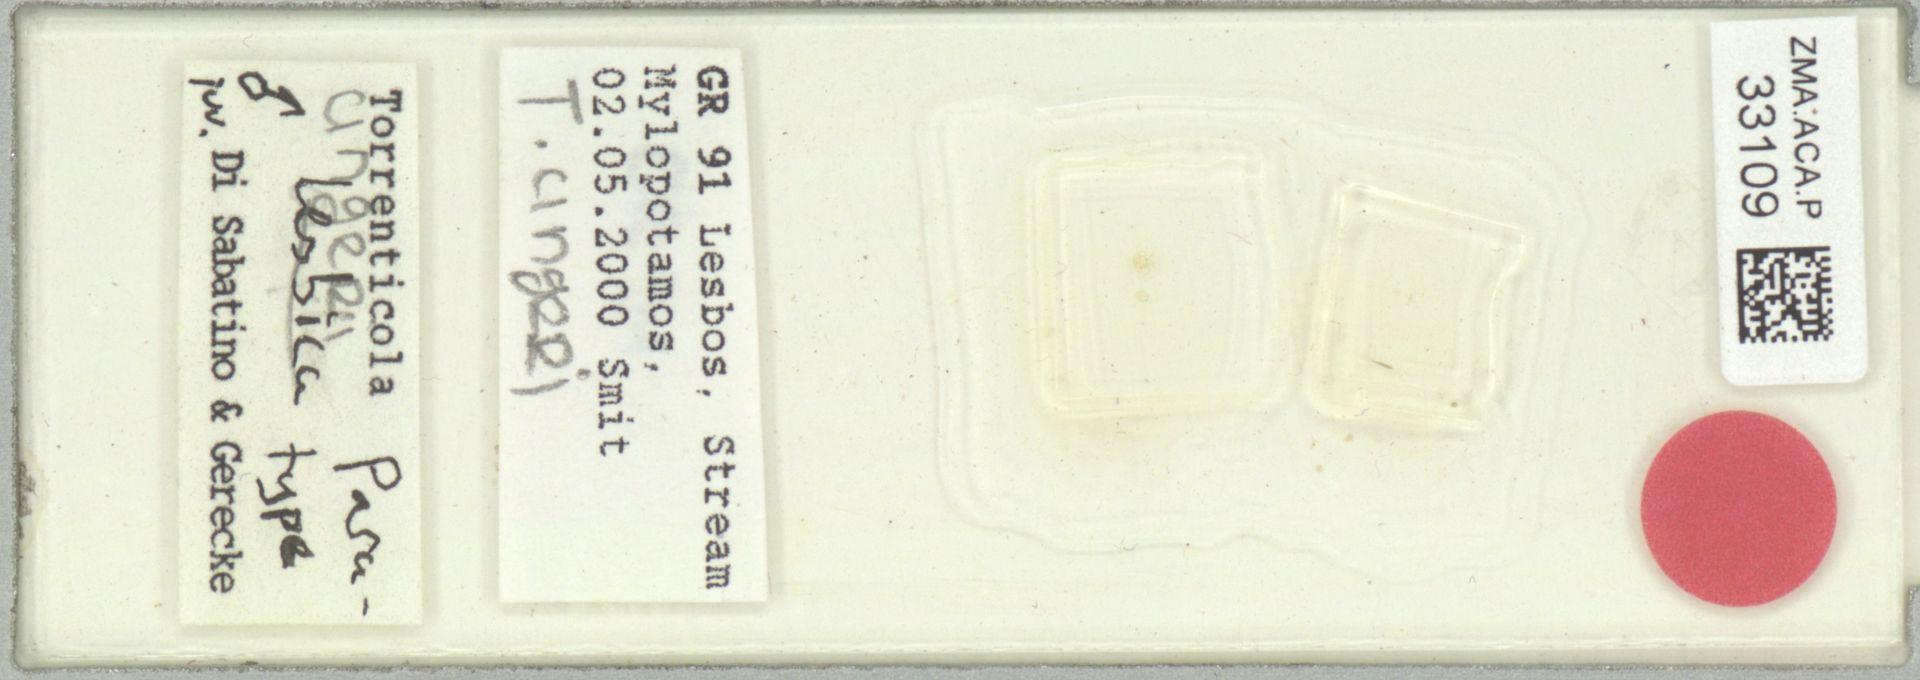 ZMA.ACA.P.33109 | Torrenticola ungeri (Szalay, 1927)